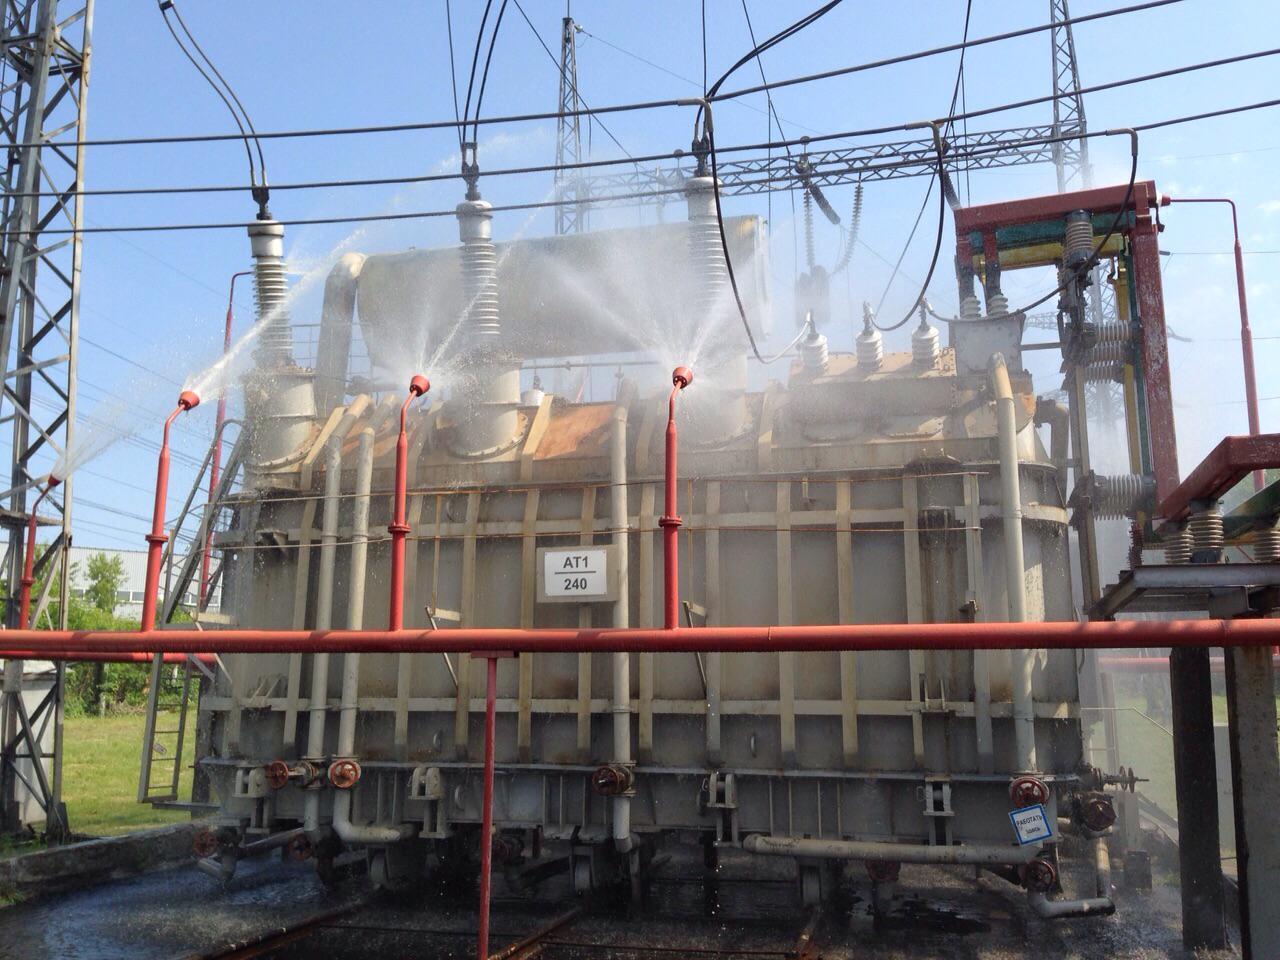 дренчерные системы пожаротушения фото такие